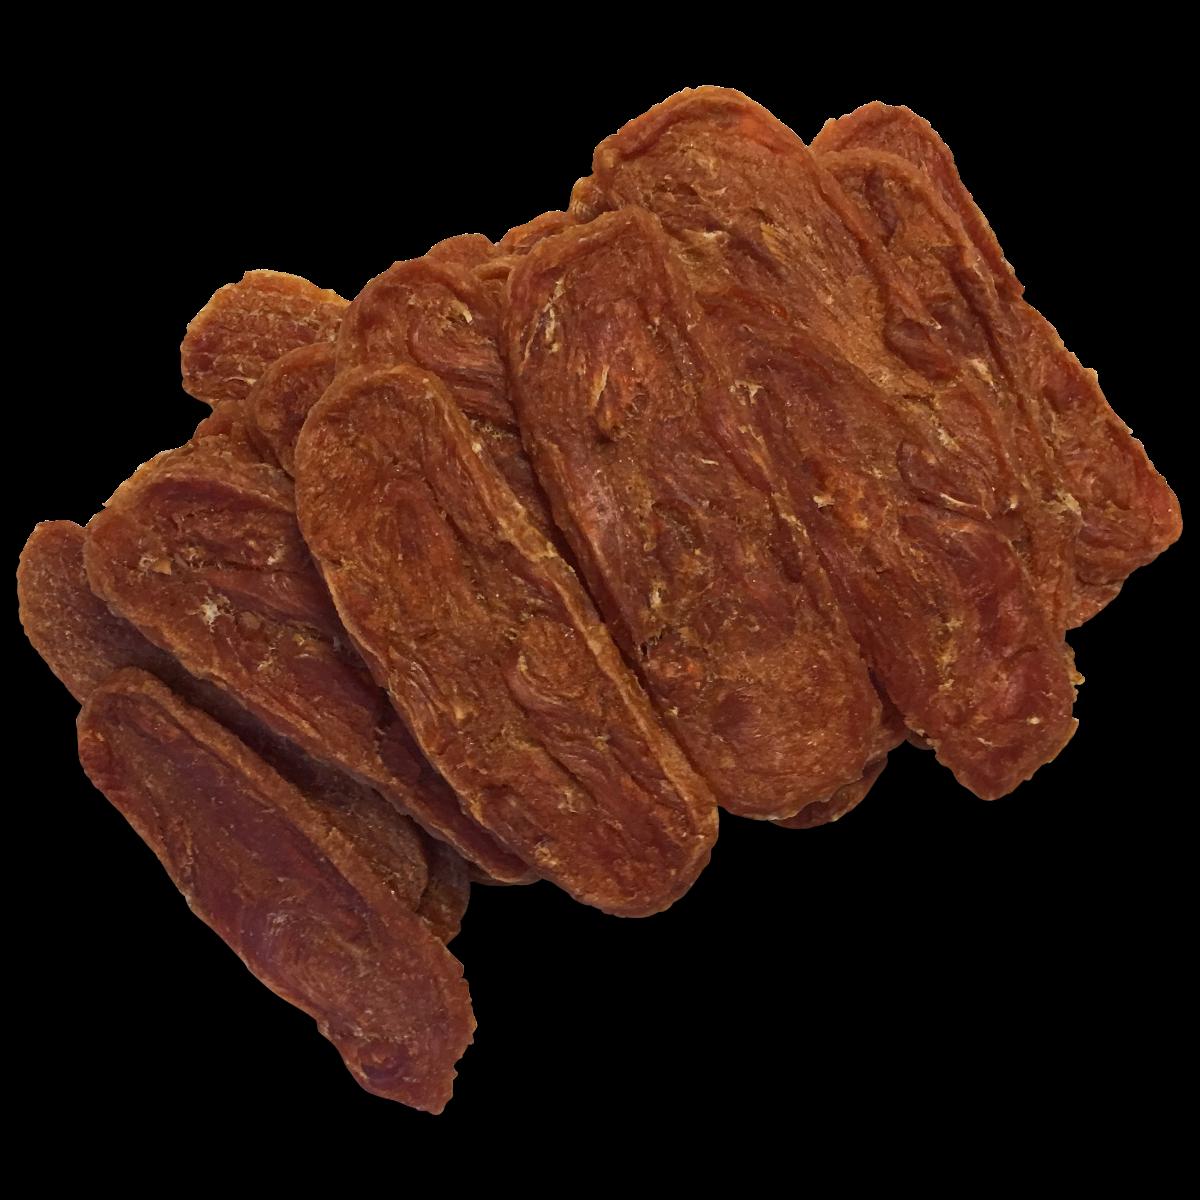 Chicken strips  Kipstrips welkome aanvulling op het dagelijks menu, als hondensnoepje tussendoor, en goed te gebruiken als beloningssnack tijdens de training. Voordeelverpakking 500 gr. 95% kip. Natuurlijk product, geen conserveermiddelen.  Analytische bestanddelen:  Eiwit 54,4% Ruwe celstof 0,2% Vetgehalte 4,8% Ruw as 4,1% Vocht 16,3%